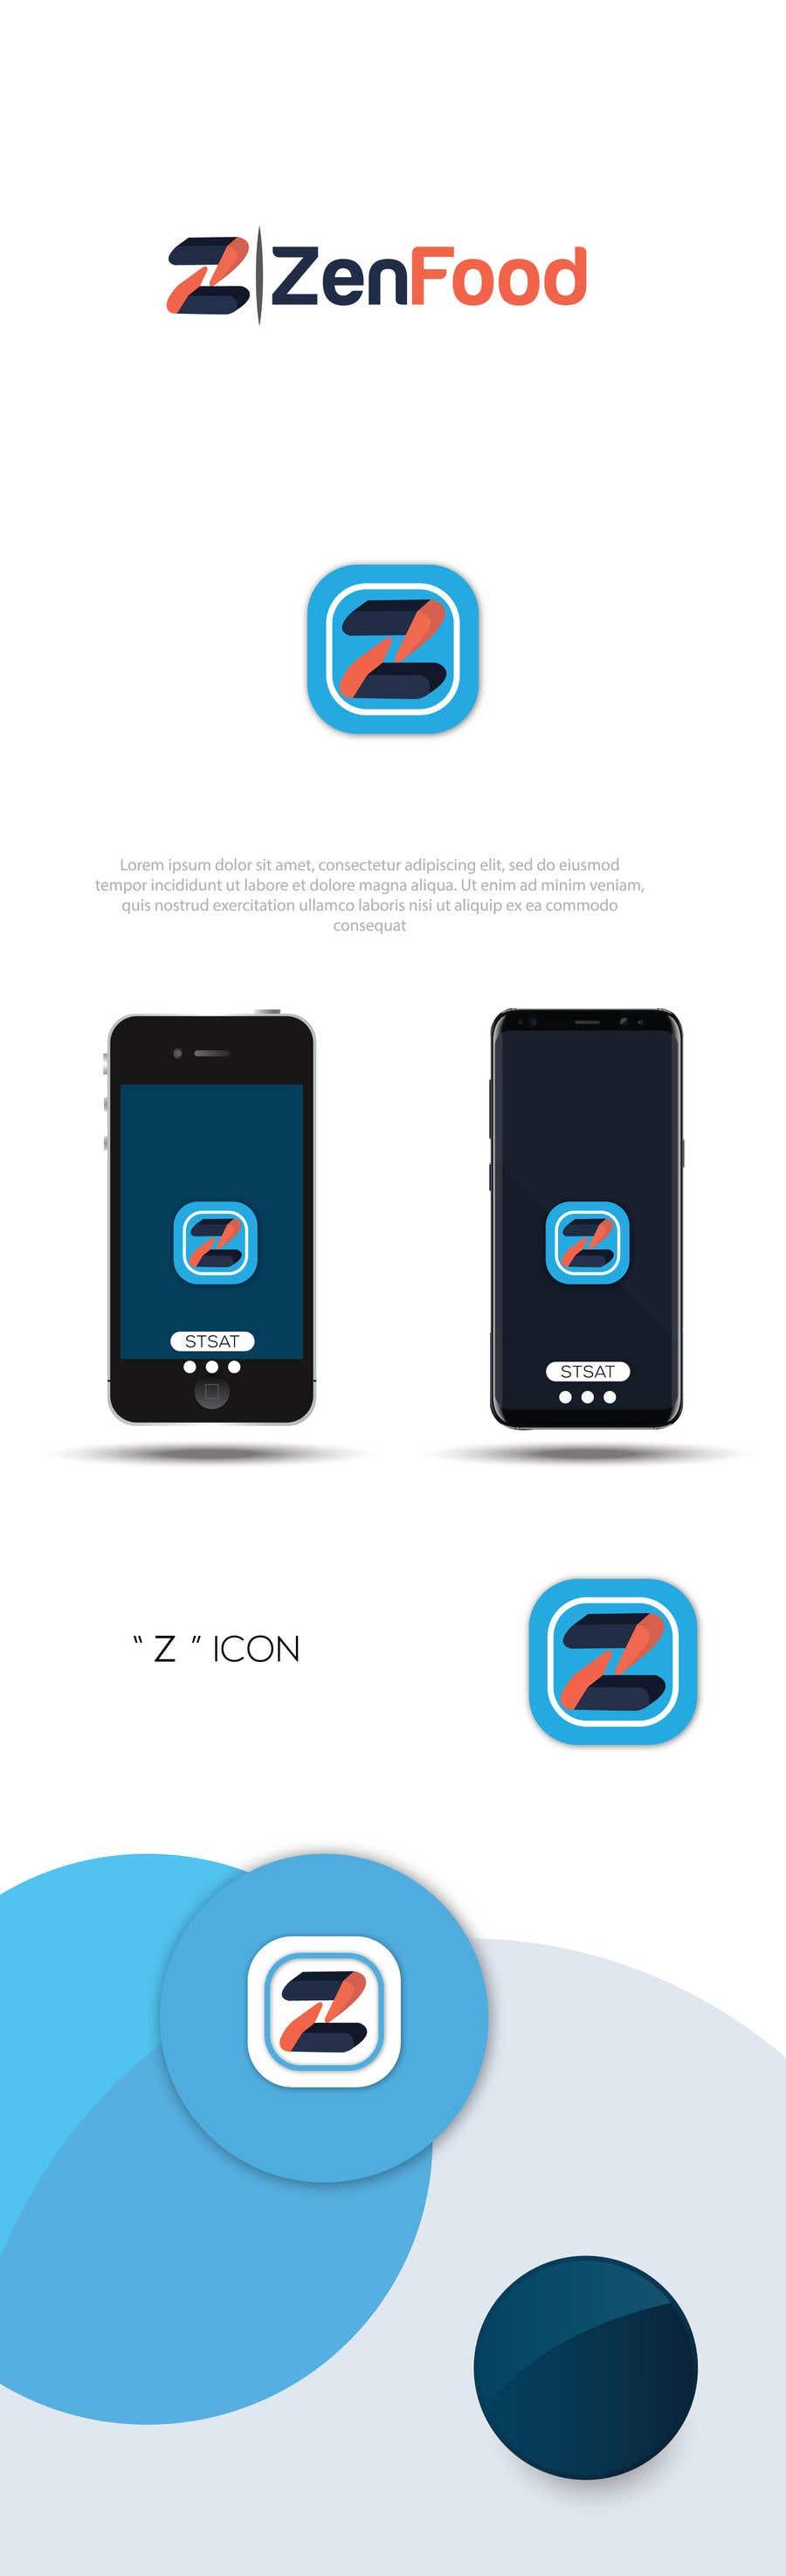 Penyertaan Peraduan #                                        40                                      untuk                                         design a logo for a delivery app